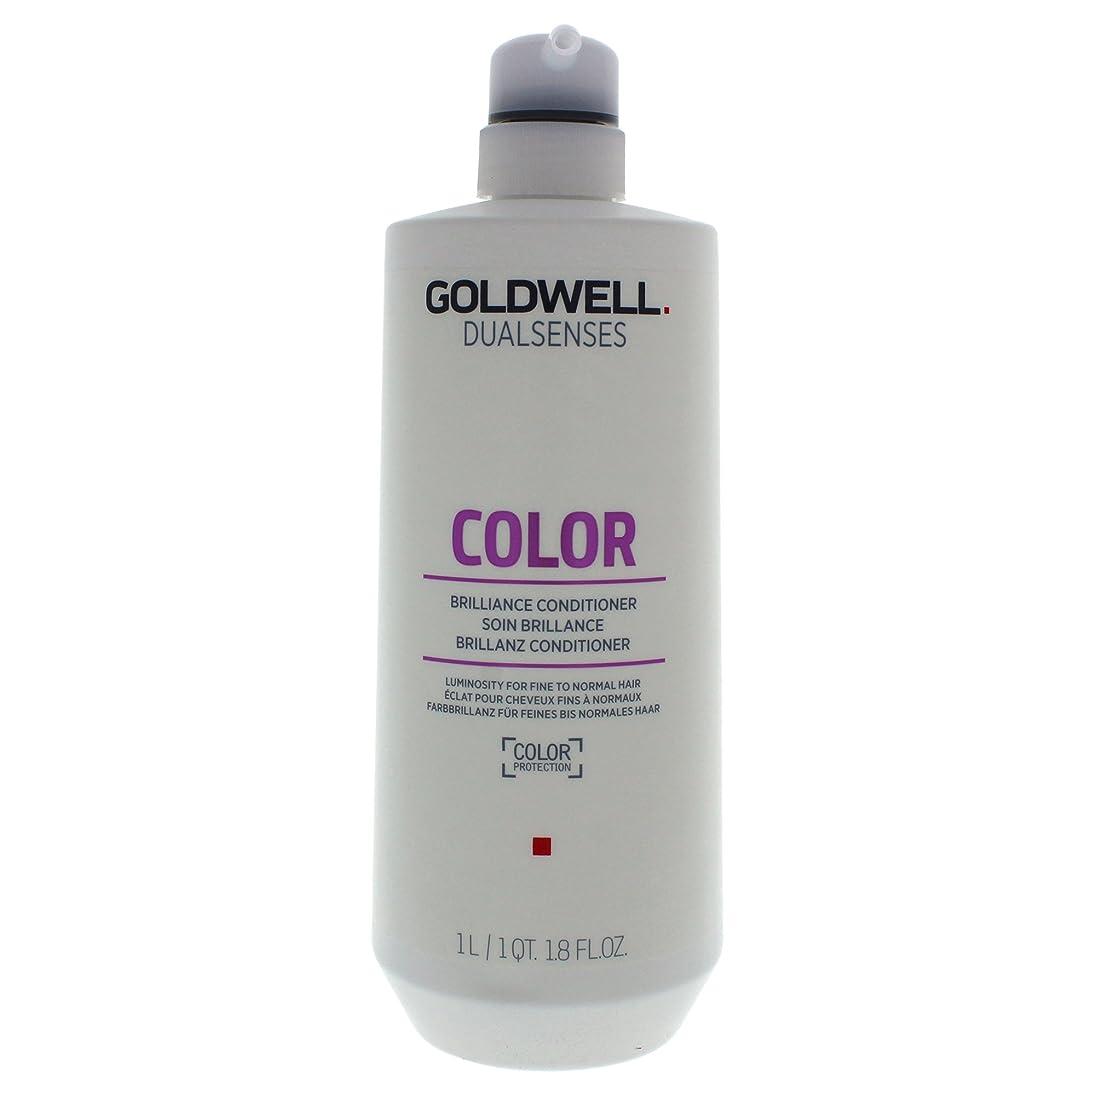 心理的破産除外するゴールドウェル Dual Senses Color Brilliance Conditioner (Luminosity For Fine to Normal Hair) 1000ml